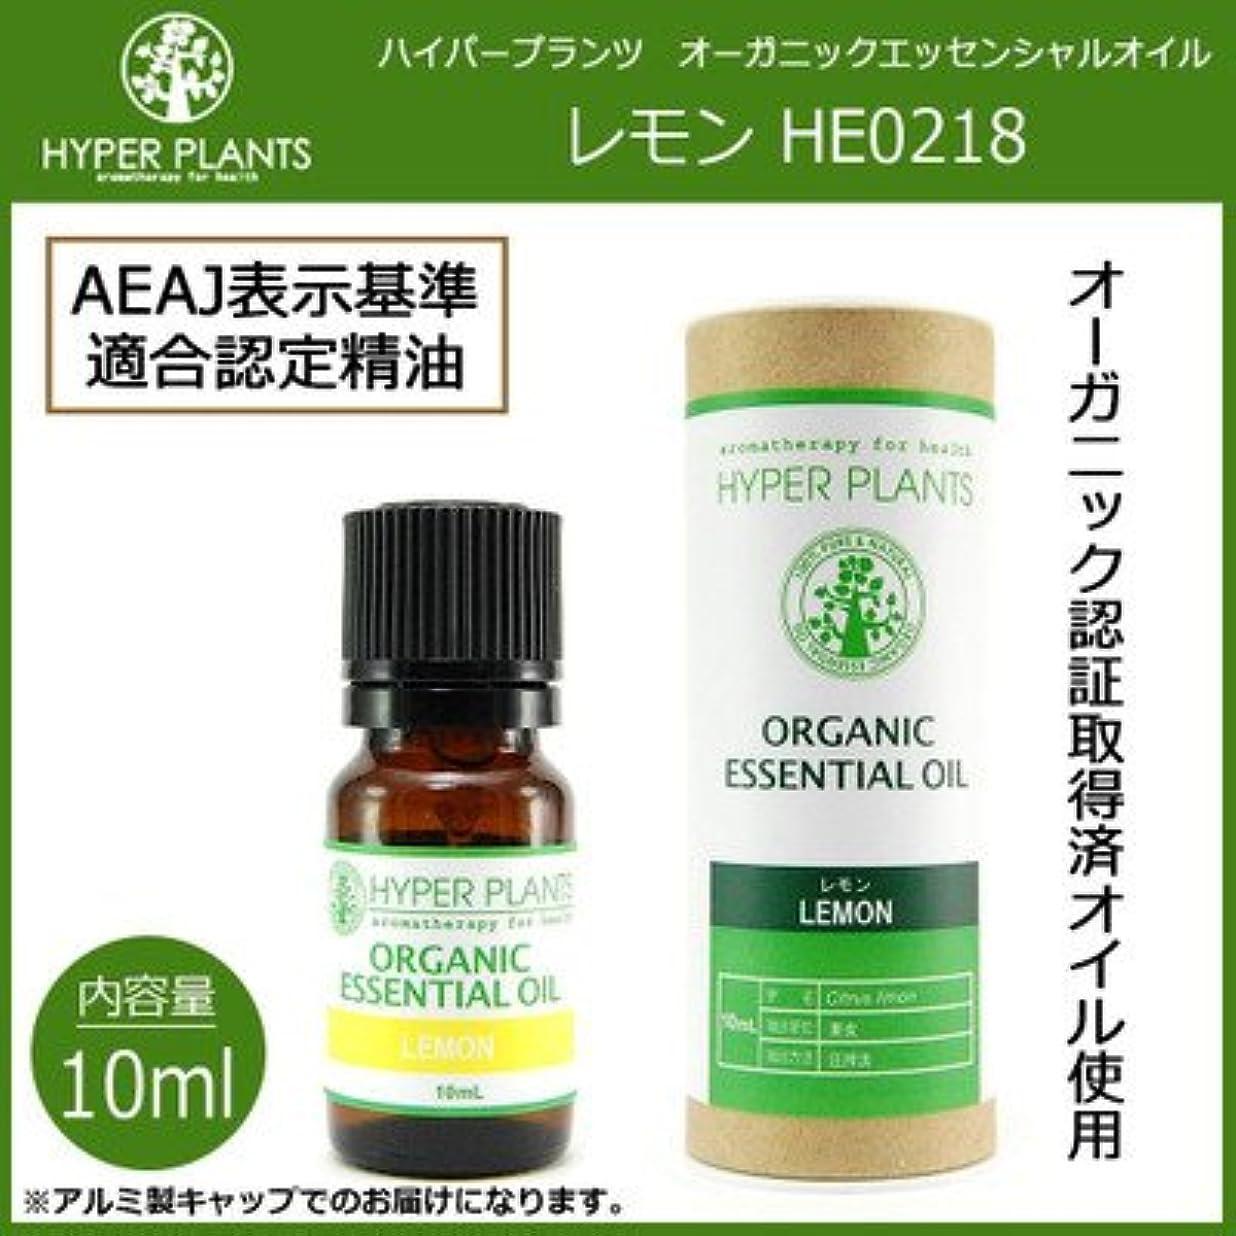 指定要求する歌う毎日の生活にアロマの香りを HYPER PLANTS ハイパープランツ オーガニックエッセンシャルオイル レモン 10ml HE0218